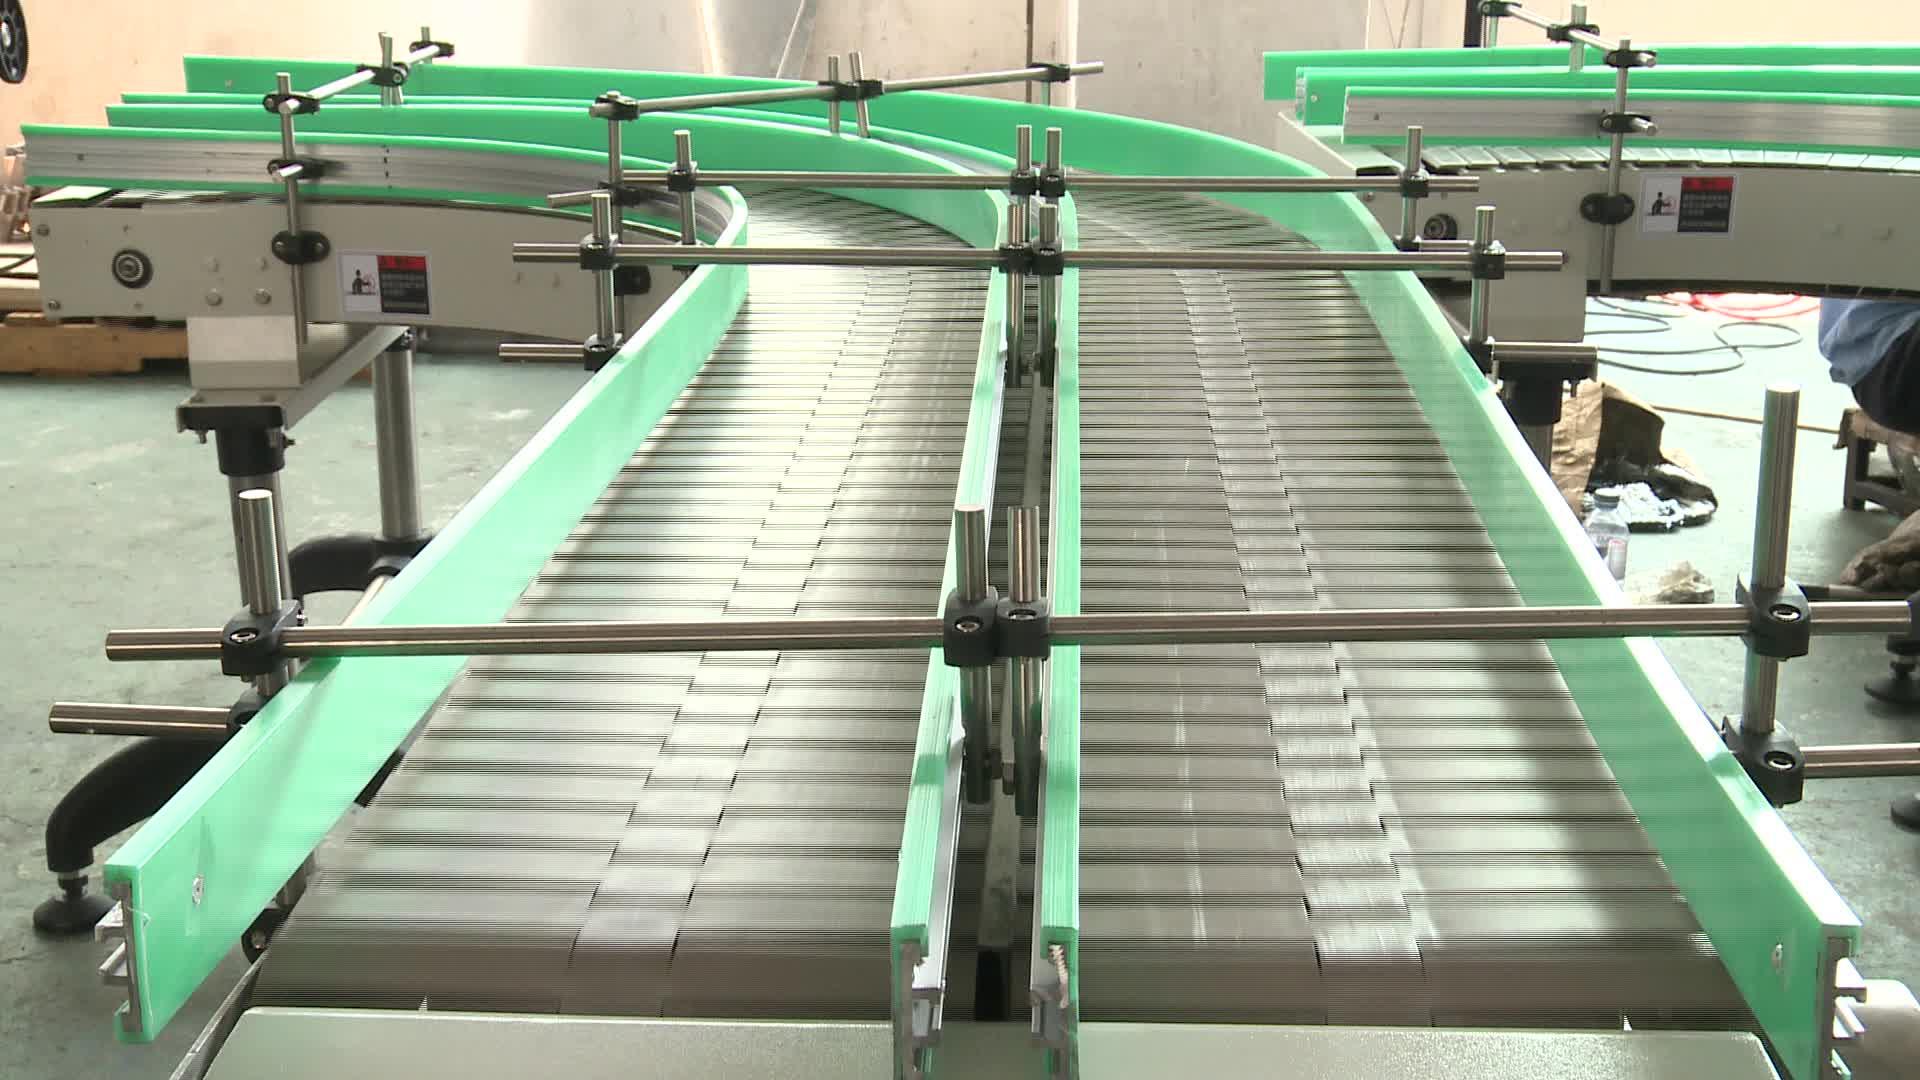 Return Conveyor